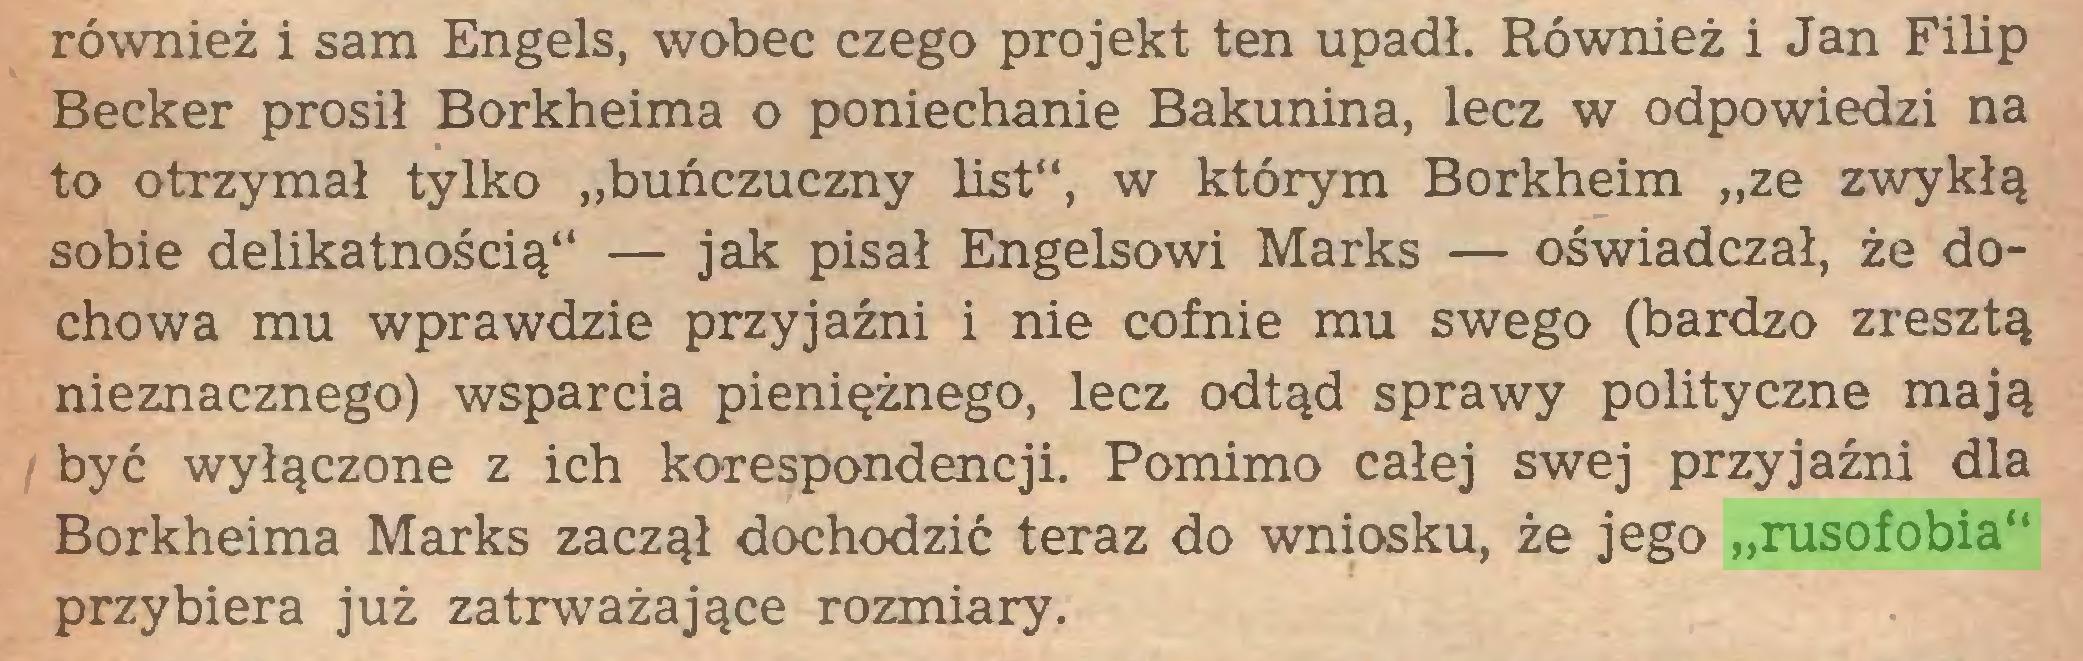 """(...) również i sam Engels, wobec czego projekt ten upadł. Również i Jan Filip Becker prosił Borkheima o poniechanie Bakunina, lecz w odpowiedzi na to otrzymał tylko """"buńczuczny list"""", w którym Borkheim """"ze zwykłą sobie delikatnością"""" — jak pisał Engelsowi Marks — oświadczał, że dochowa mu wprawdzie przyjaźni i nie cofnie mu swego (bardzo zresztą nieznacznego) wsparcia pieniężnego, lecz odtąd sprawy polityczne mają być wyłączone z ich korespondencji. Pomimo całej swej przyjaźni dla Borkheima Marks zaczął dochodzić teraz do wniosku, że jego """"rusofobia"""" przybiera już zatrważające rozmiary..."""